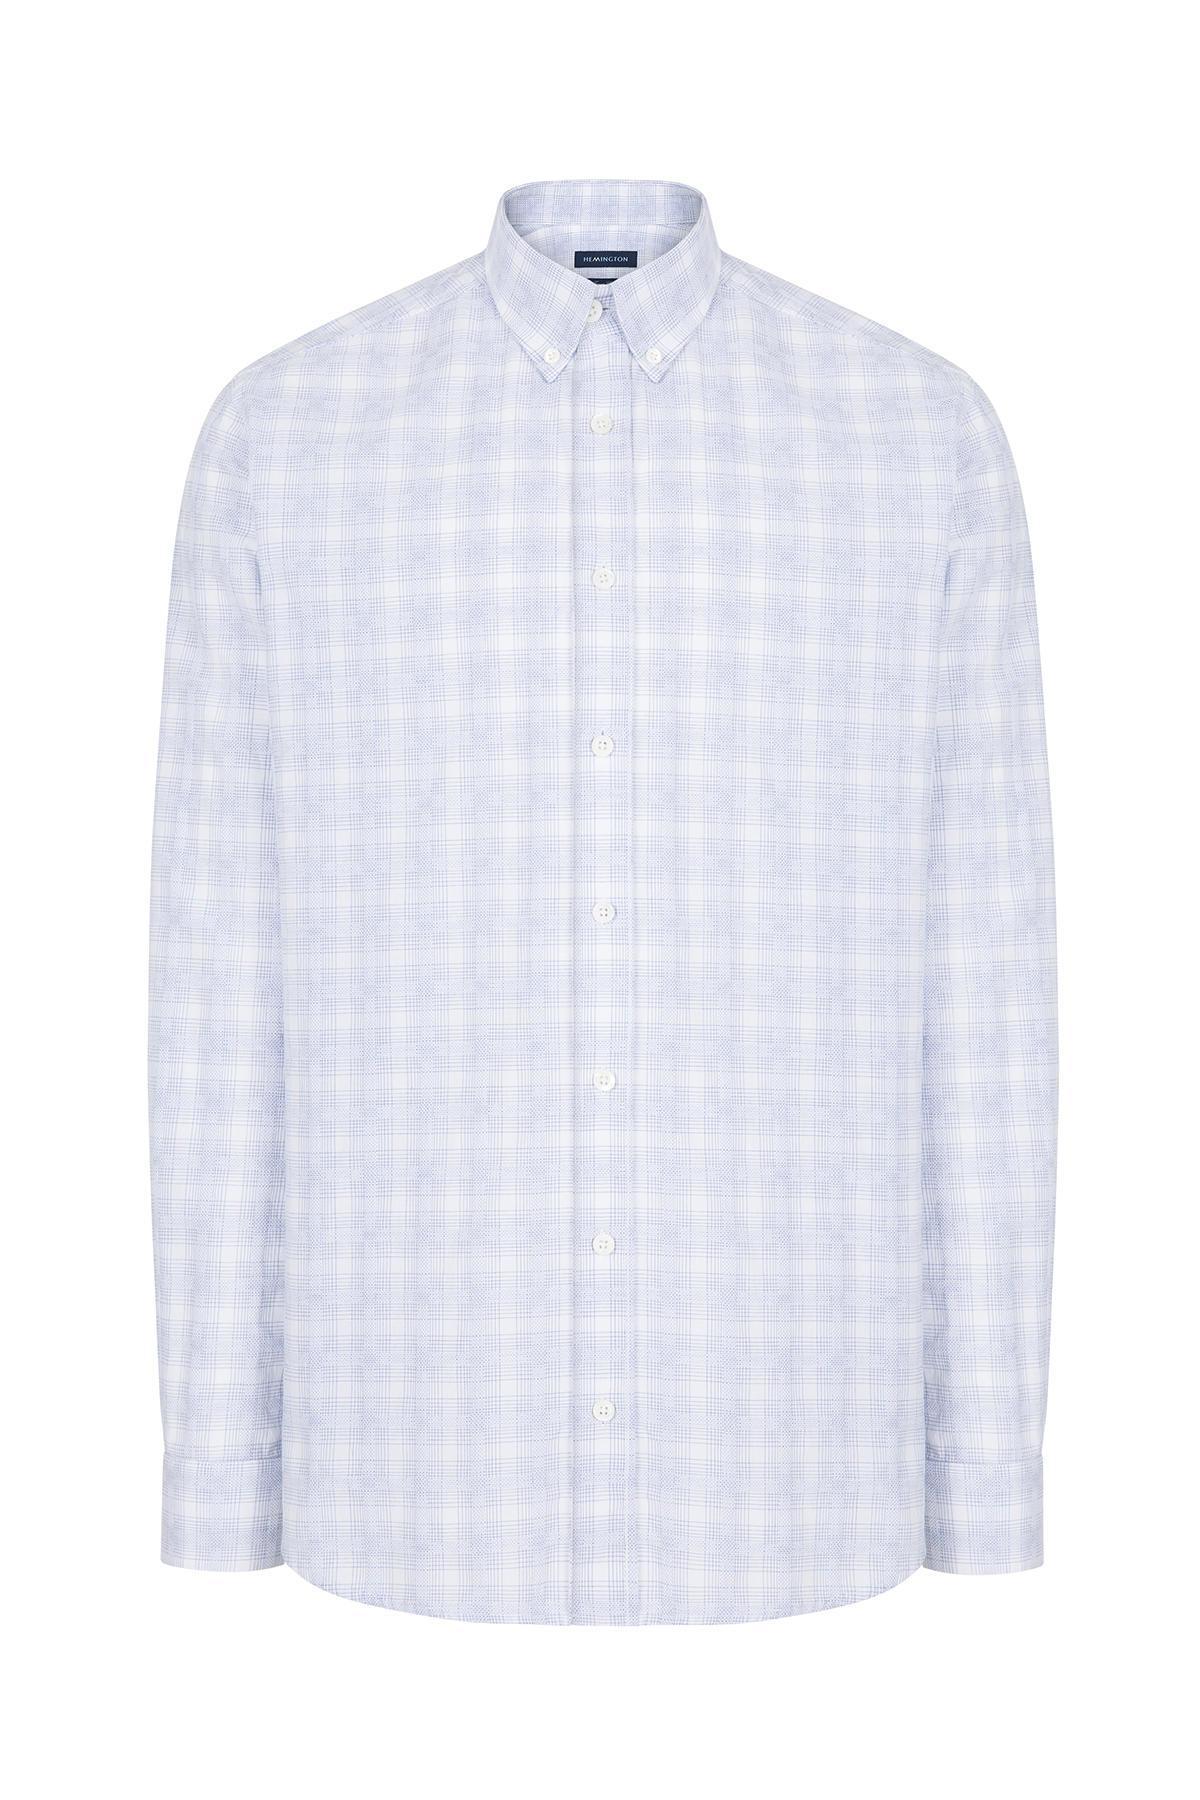 Mavi Beyaz Desenli Spor Gömlek